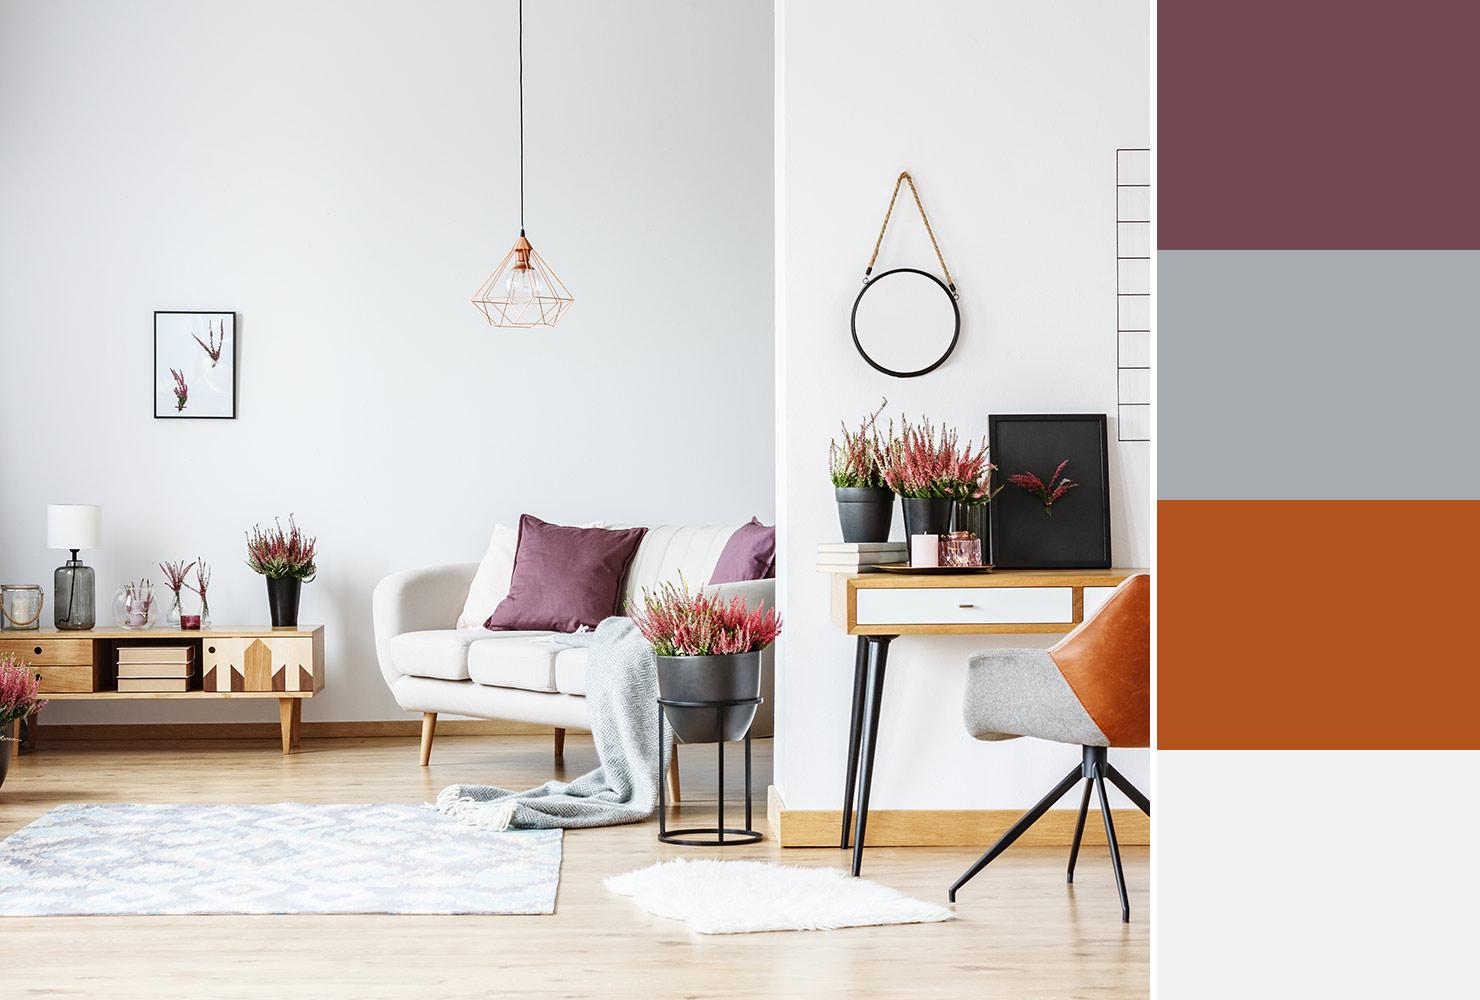 Farebné kombinácie - inšpirácie do interiéru - Obrázok č. 29